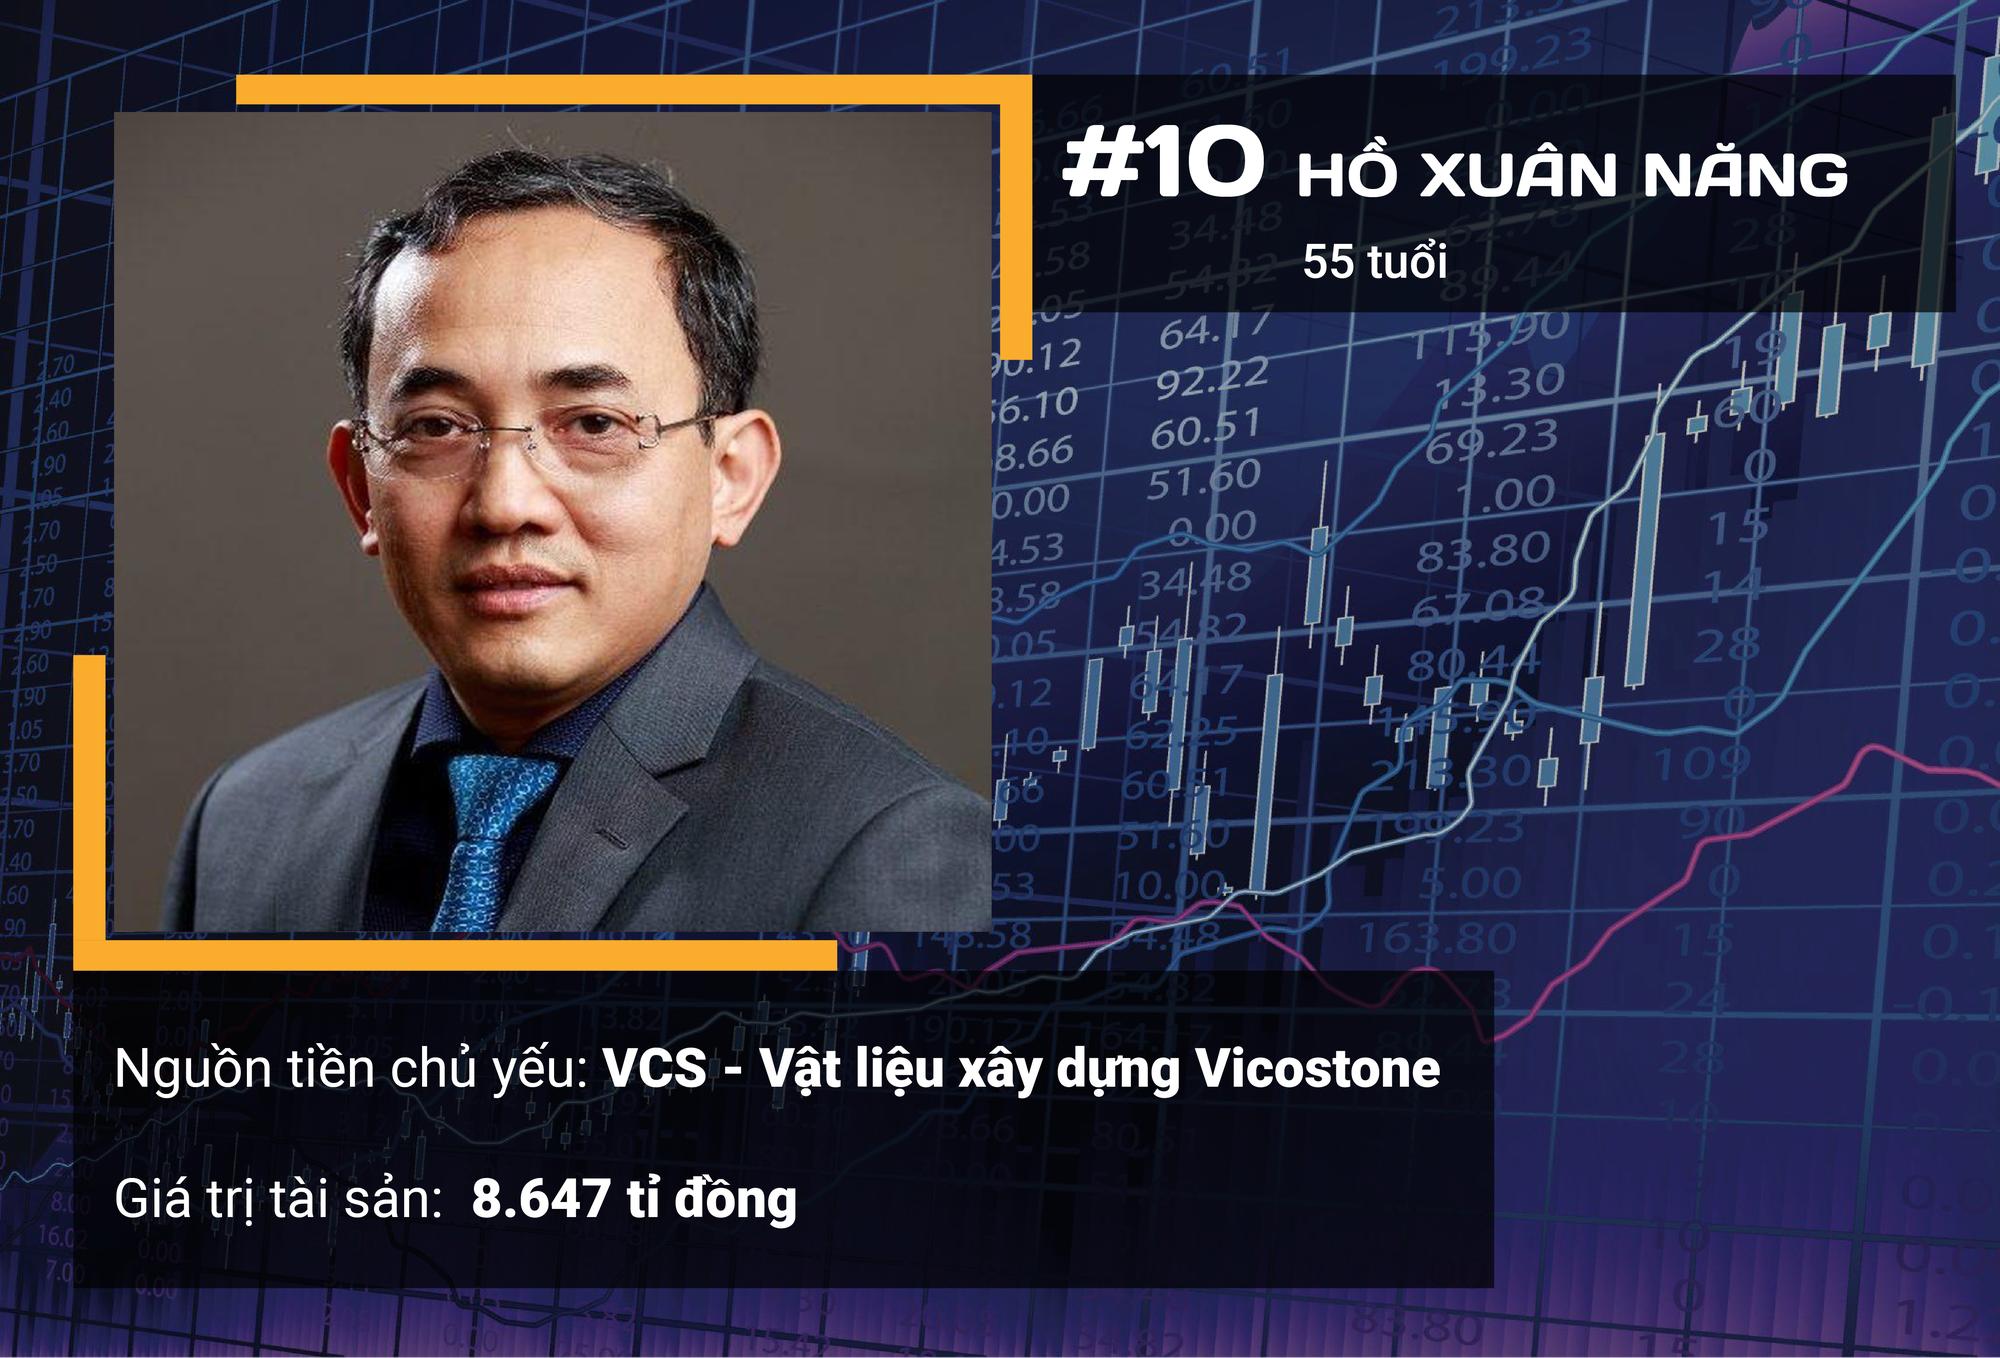 Ngoài ông Phạm Nhật Vượng, ai là 10 người giàu nhất sàn chứng khoán Việt năm 2019? - Ảnh 13.